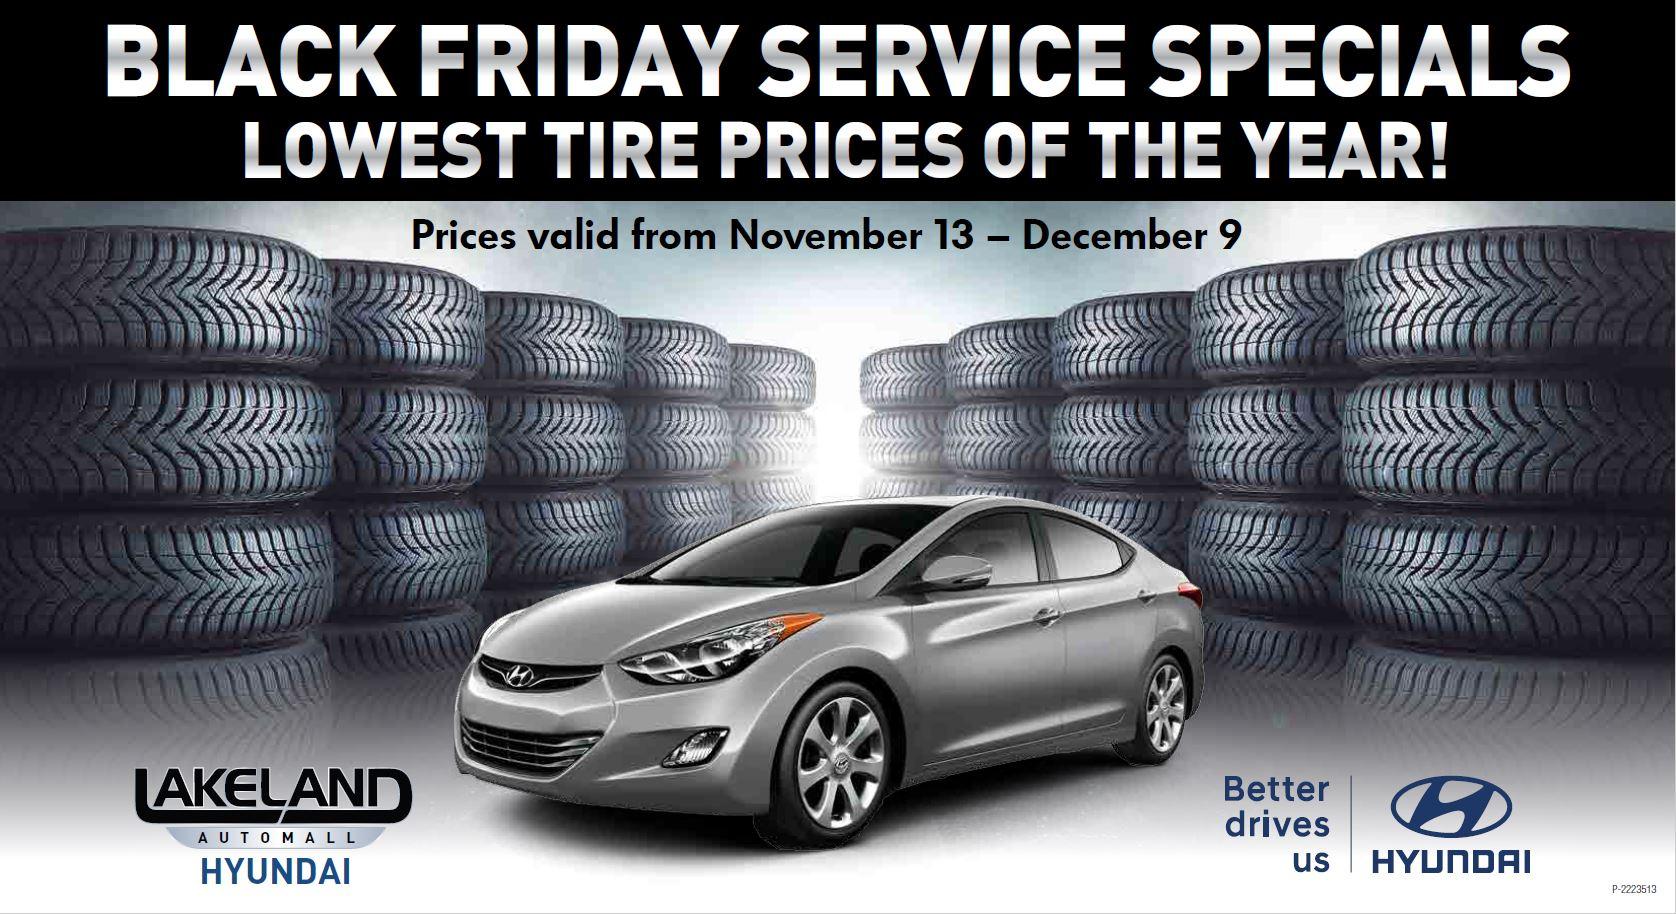 Black Friday Service Specials at Lakeland Hyundai